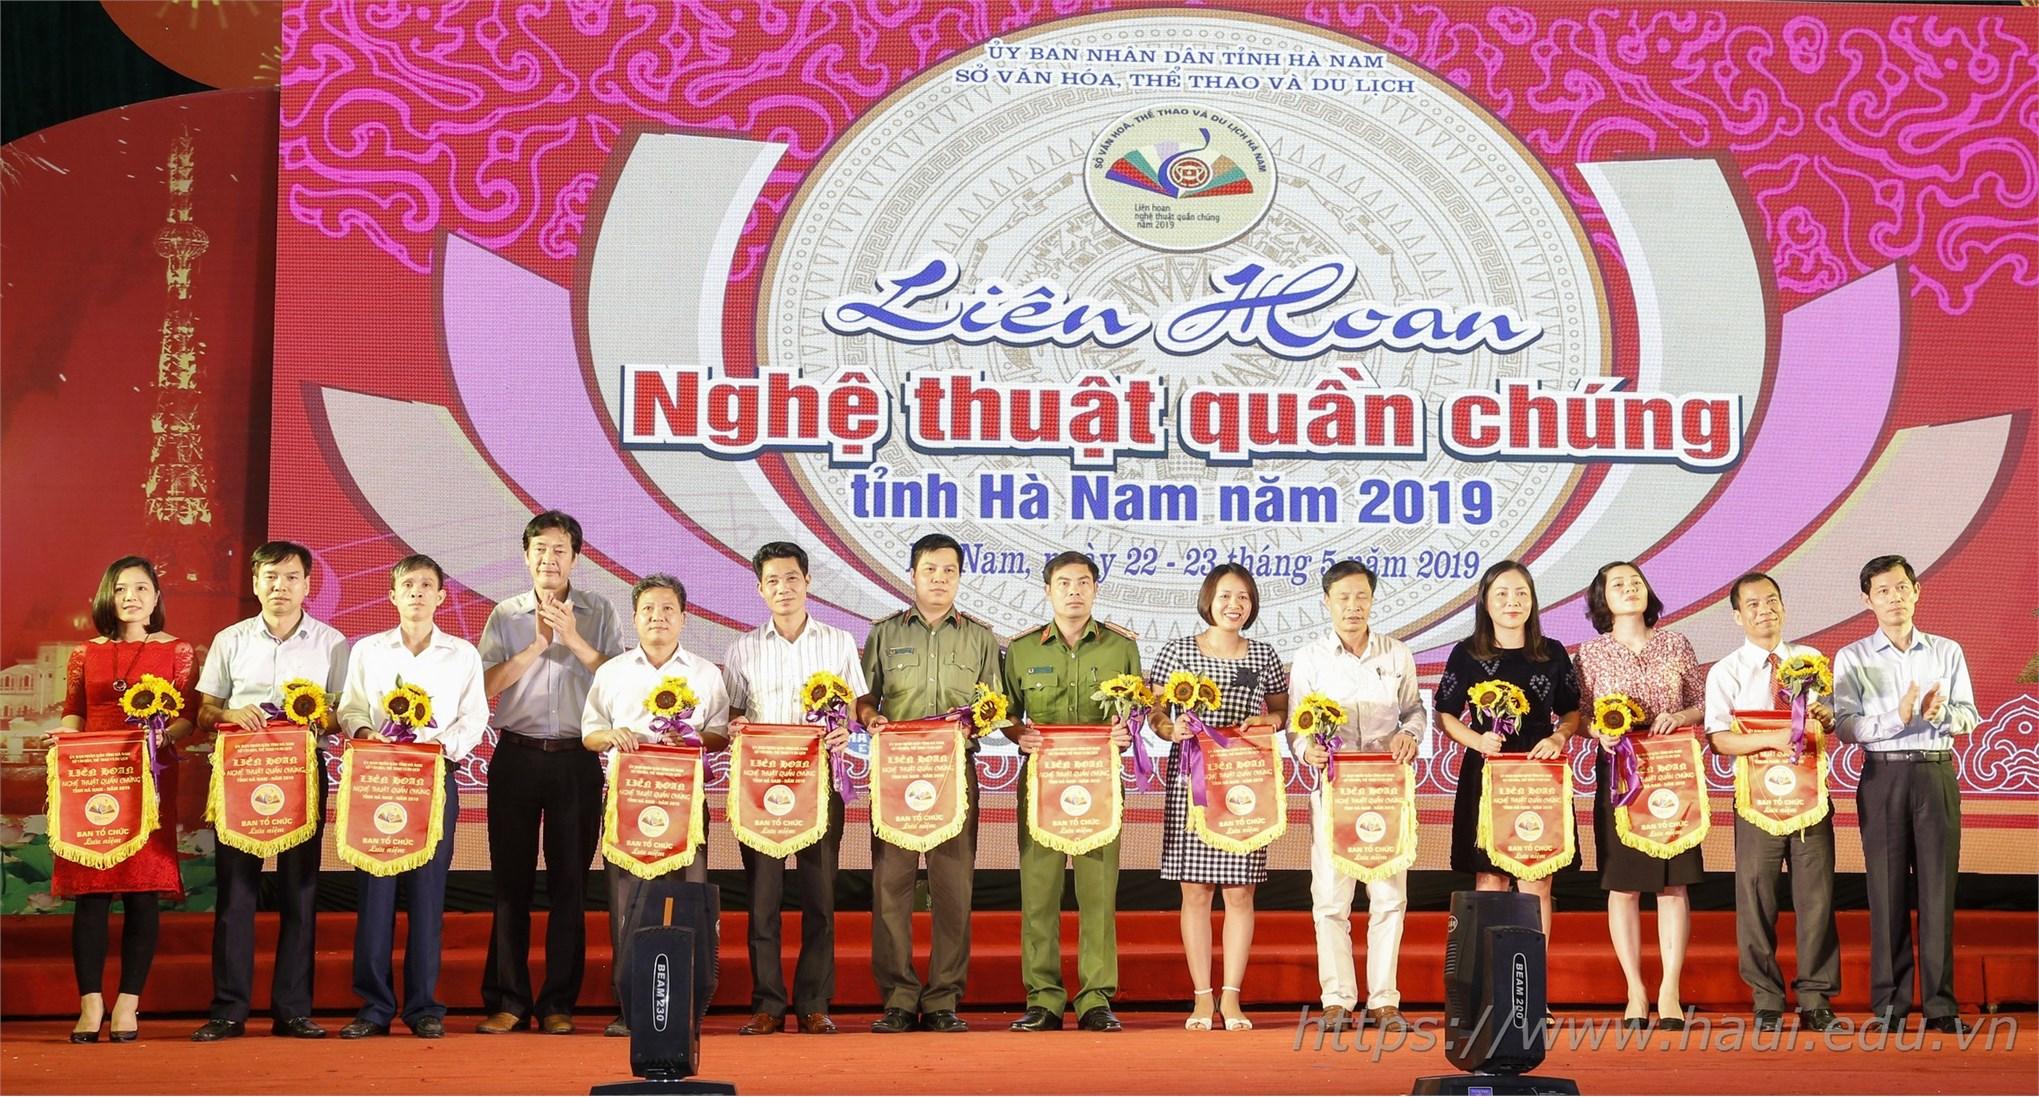 Đại học Công nghiệp Hà Nội tham gia Liên hoan Nghệ thuật Quần chúng tỉnh Hà Nam năm 2019